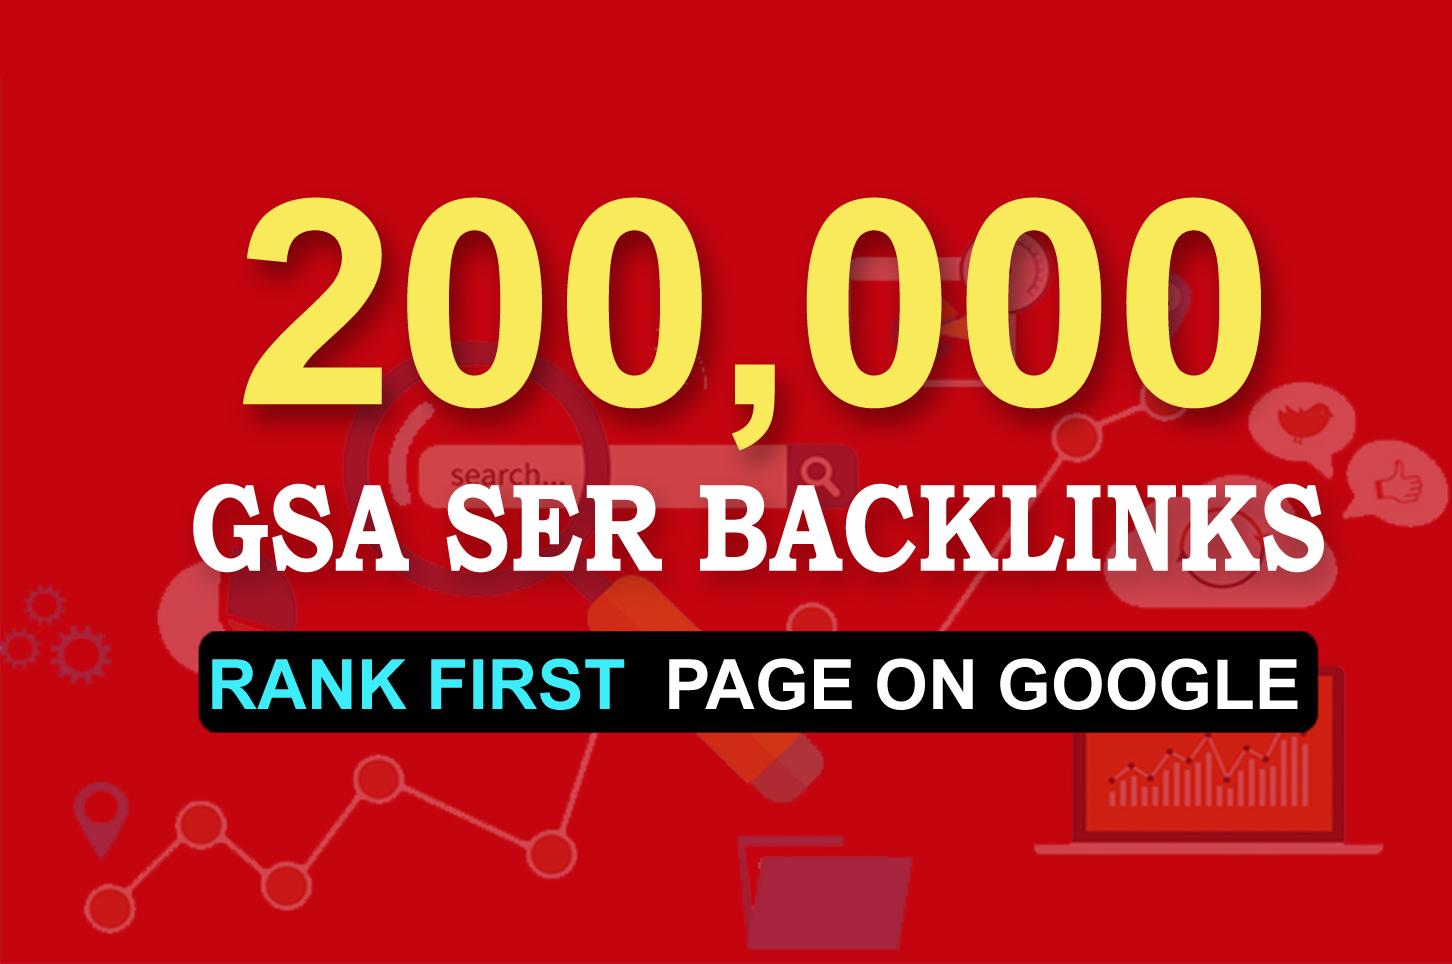 Provide 200,000 GSA SER SEO Backlinks Best for Your SEO